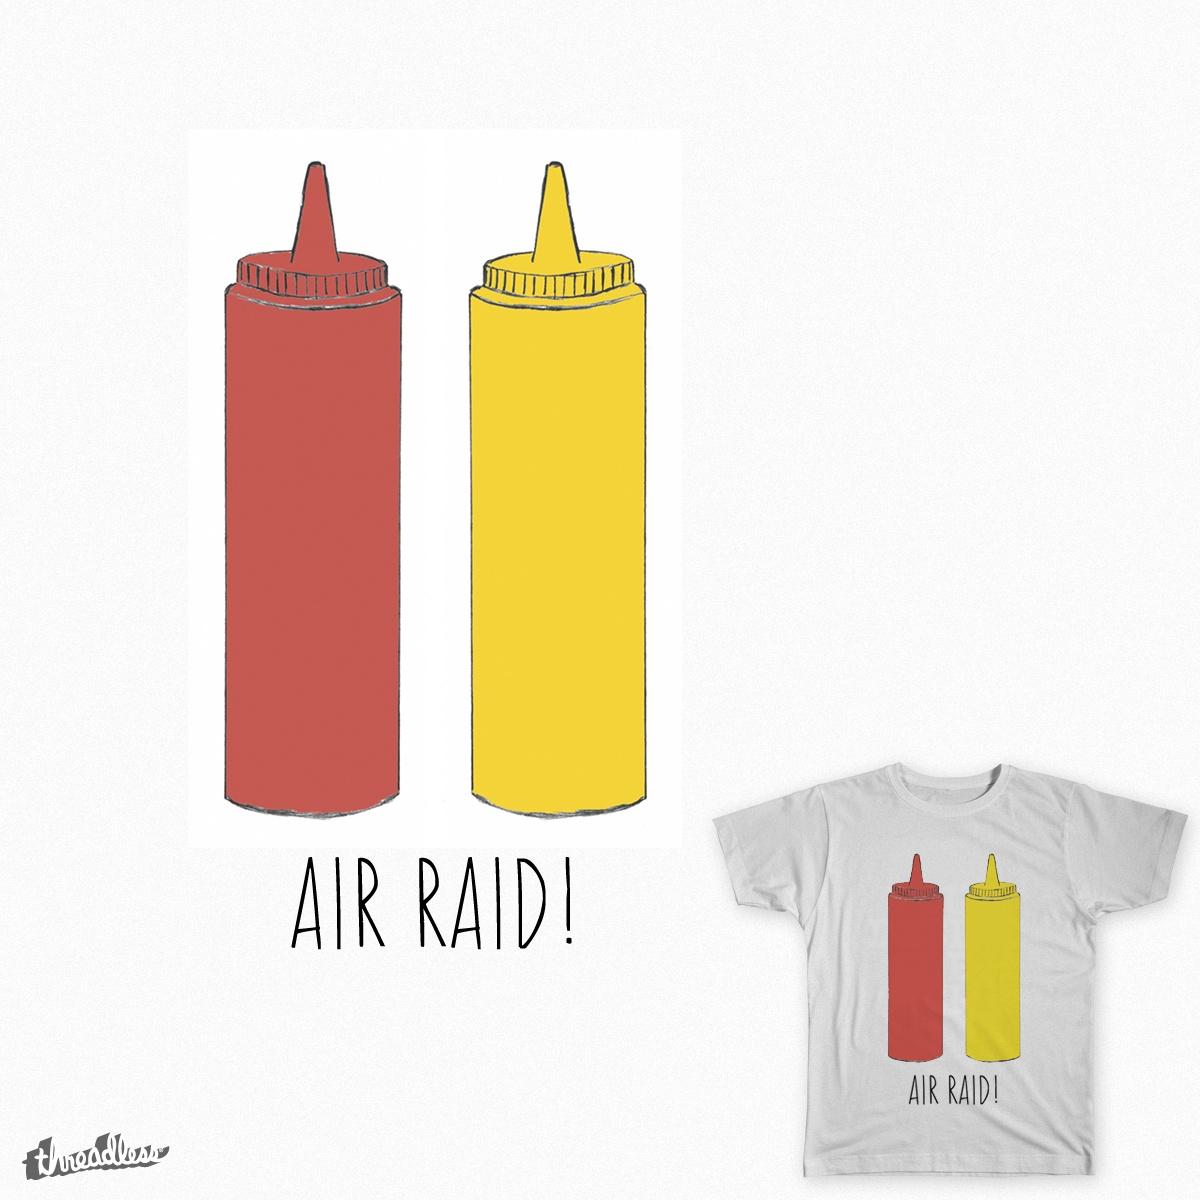 Air Raid! by lizjackson on Threadless